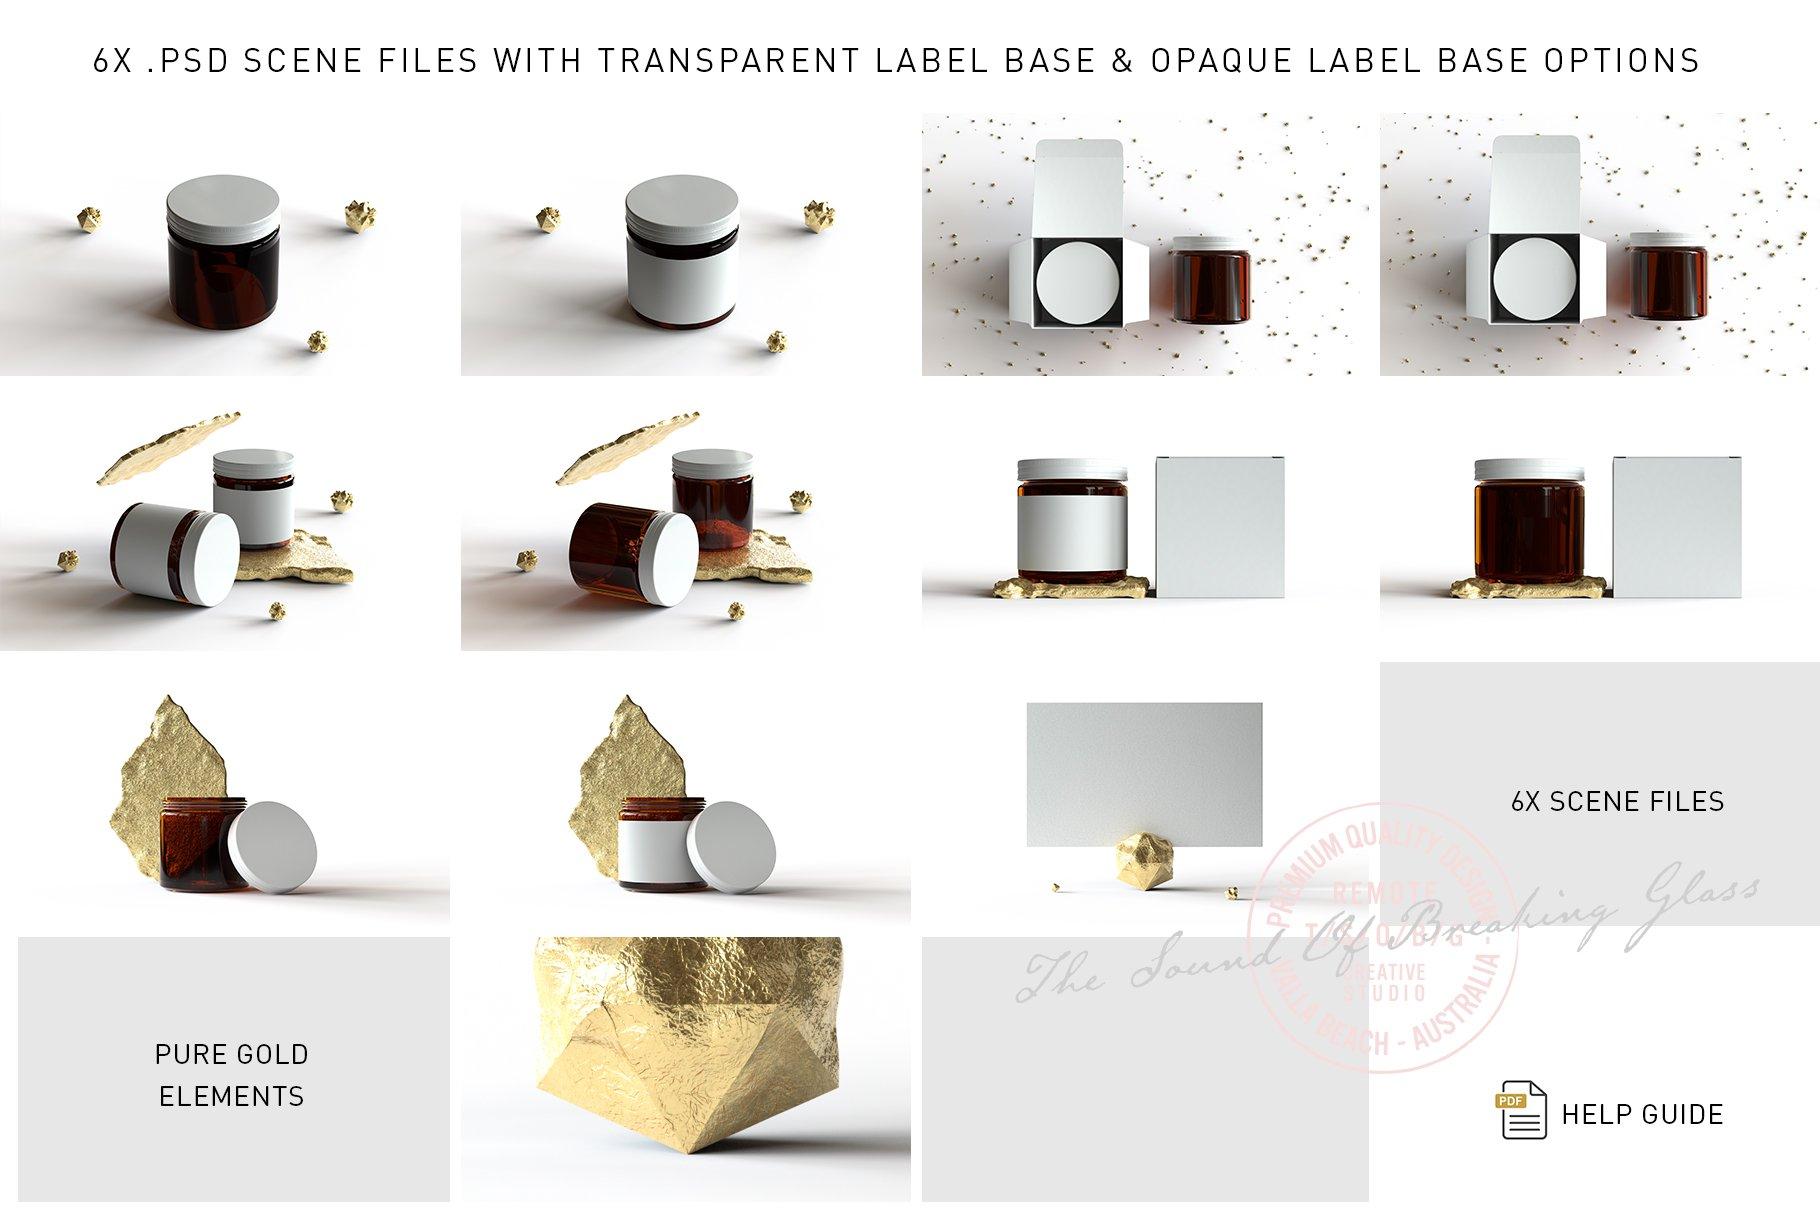 6款棕色化妆品玻璃罐包装盒设计展示样机 Amber Glass Jar & Box Mockup Vol.2插图(1)